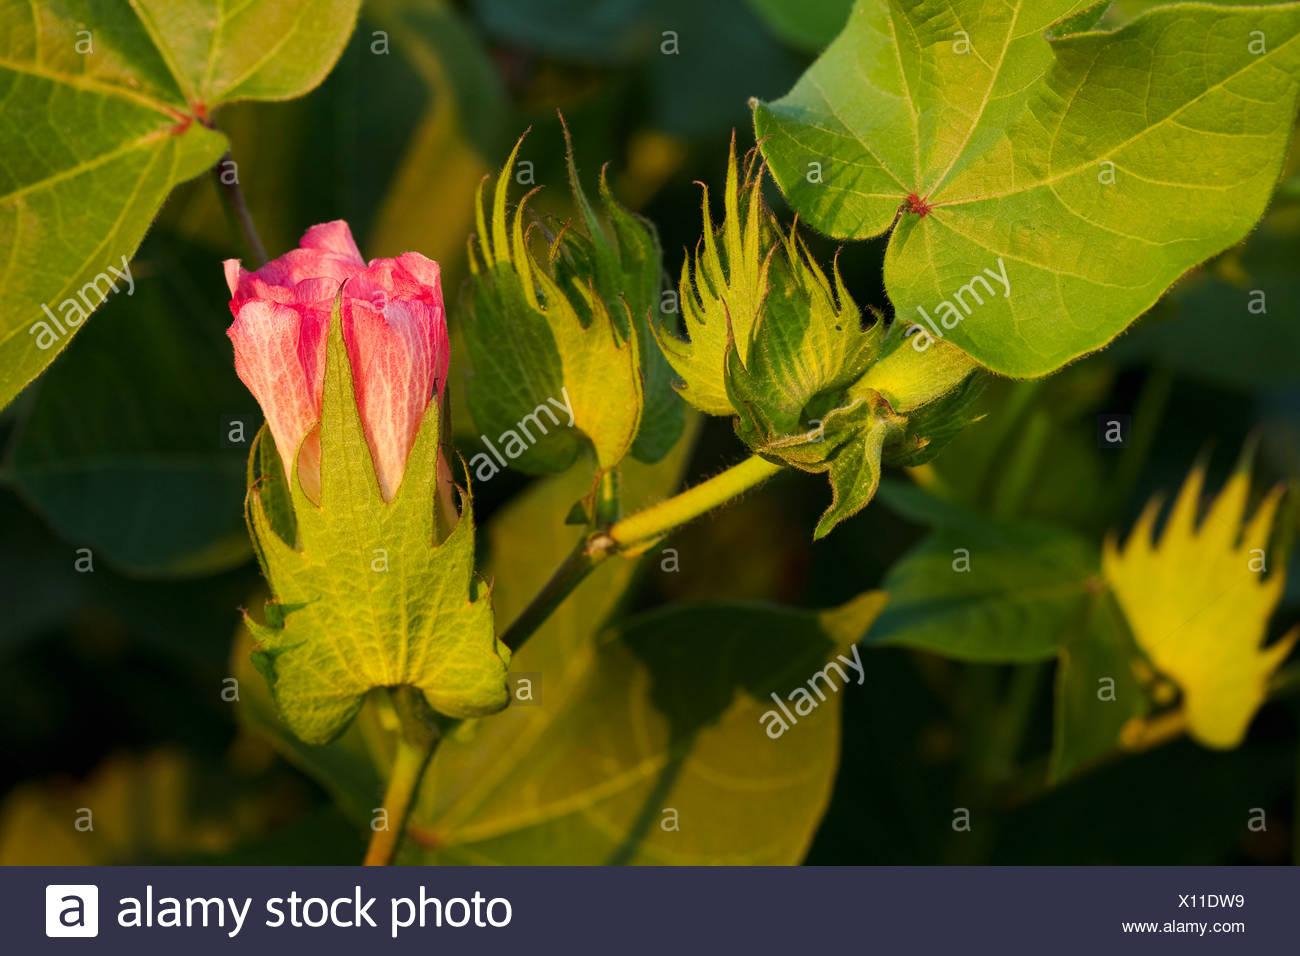 Agriculture - Closeup of a pink blossom et carrés verts sur une croissance moyenne de l'usine de coton / Arkansas, USA. Photo Stock